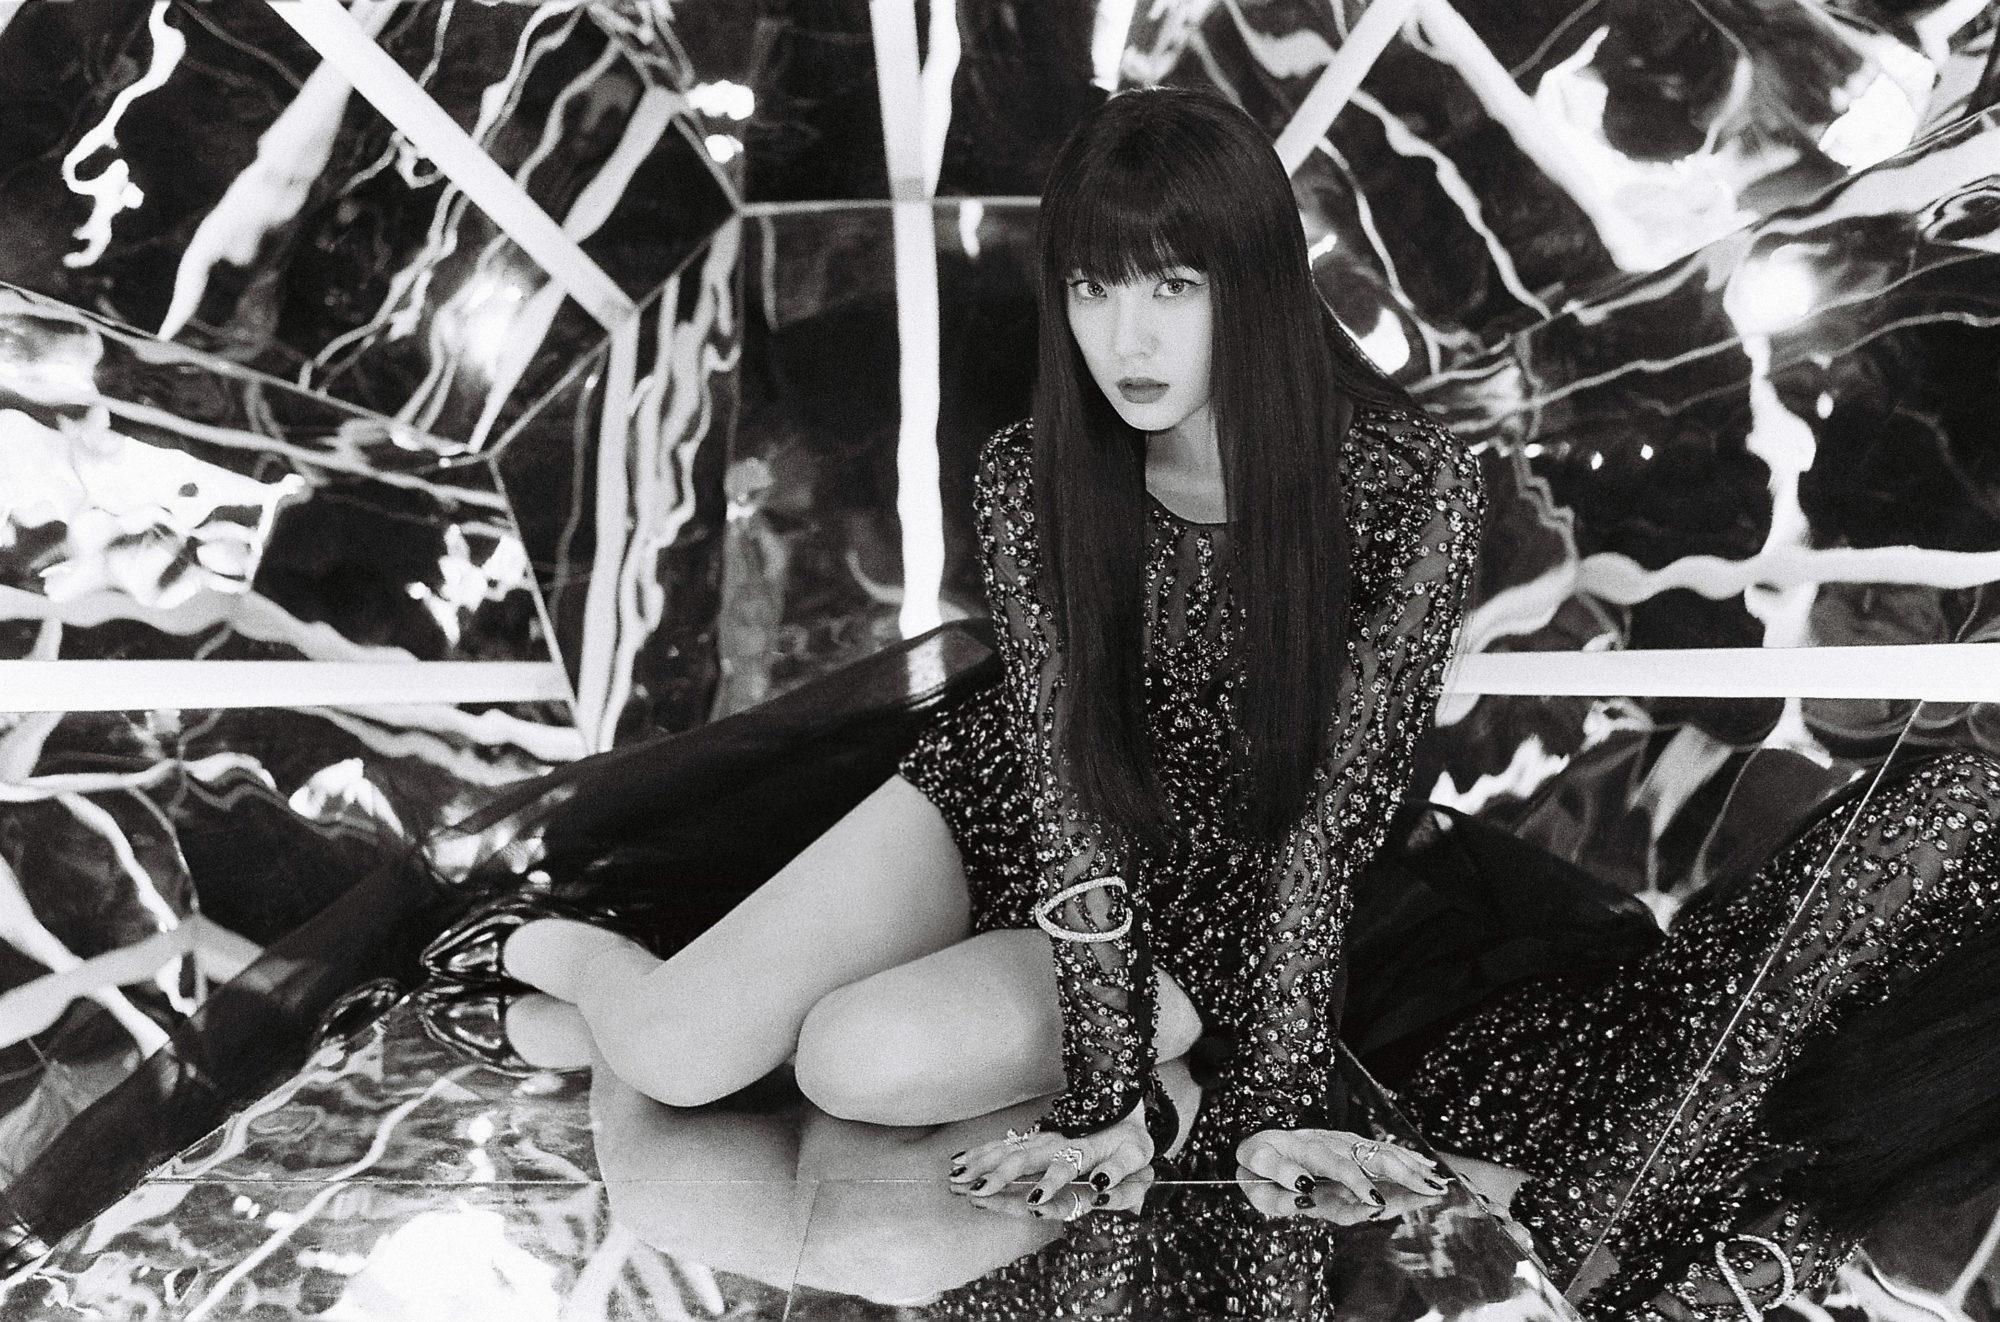 Irene - Red Velvet Irene Seulgi Monster Teaser 6 Group